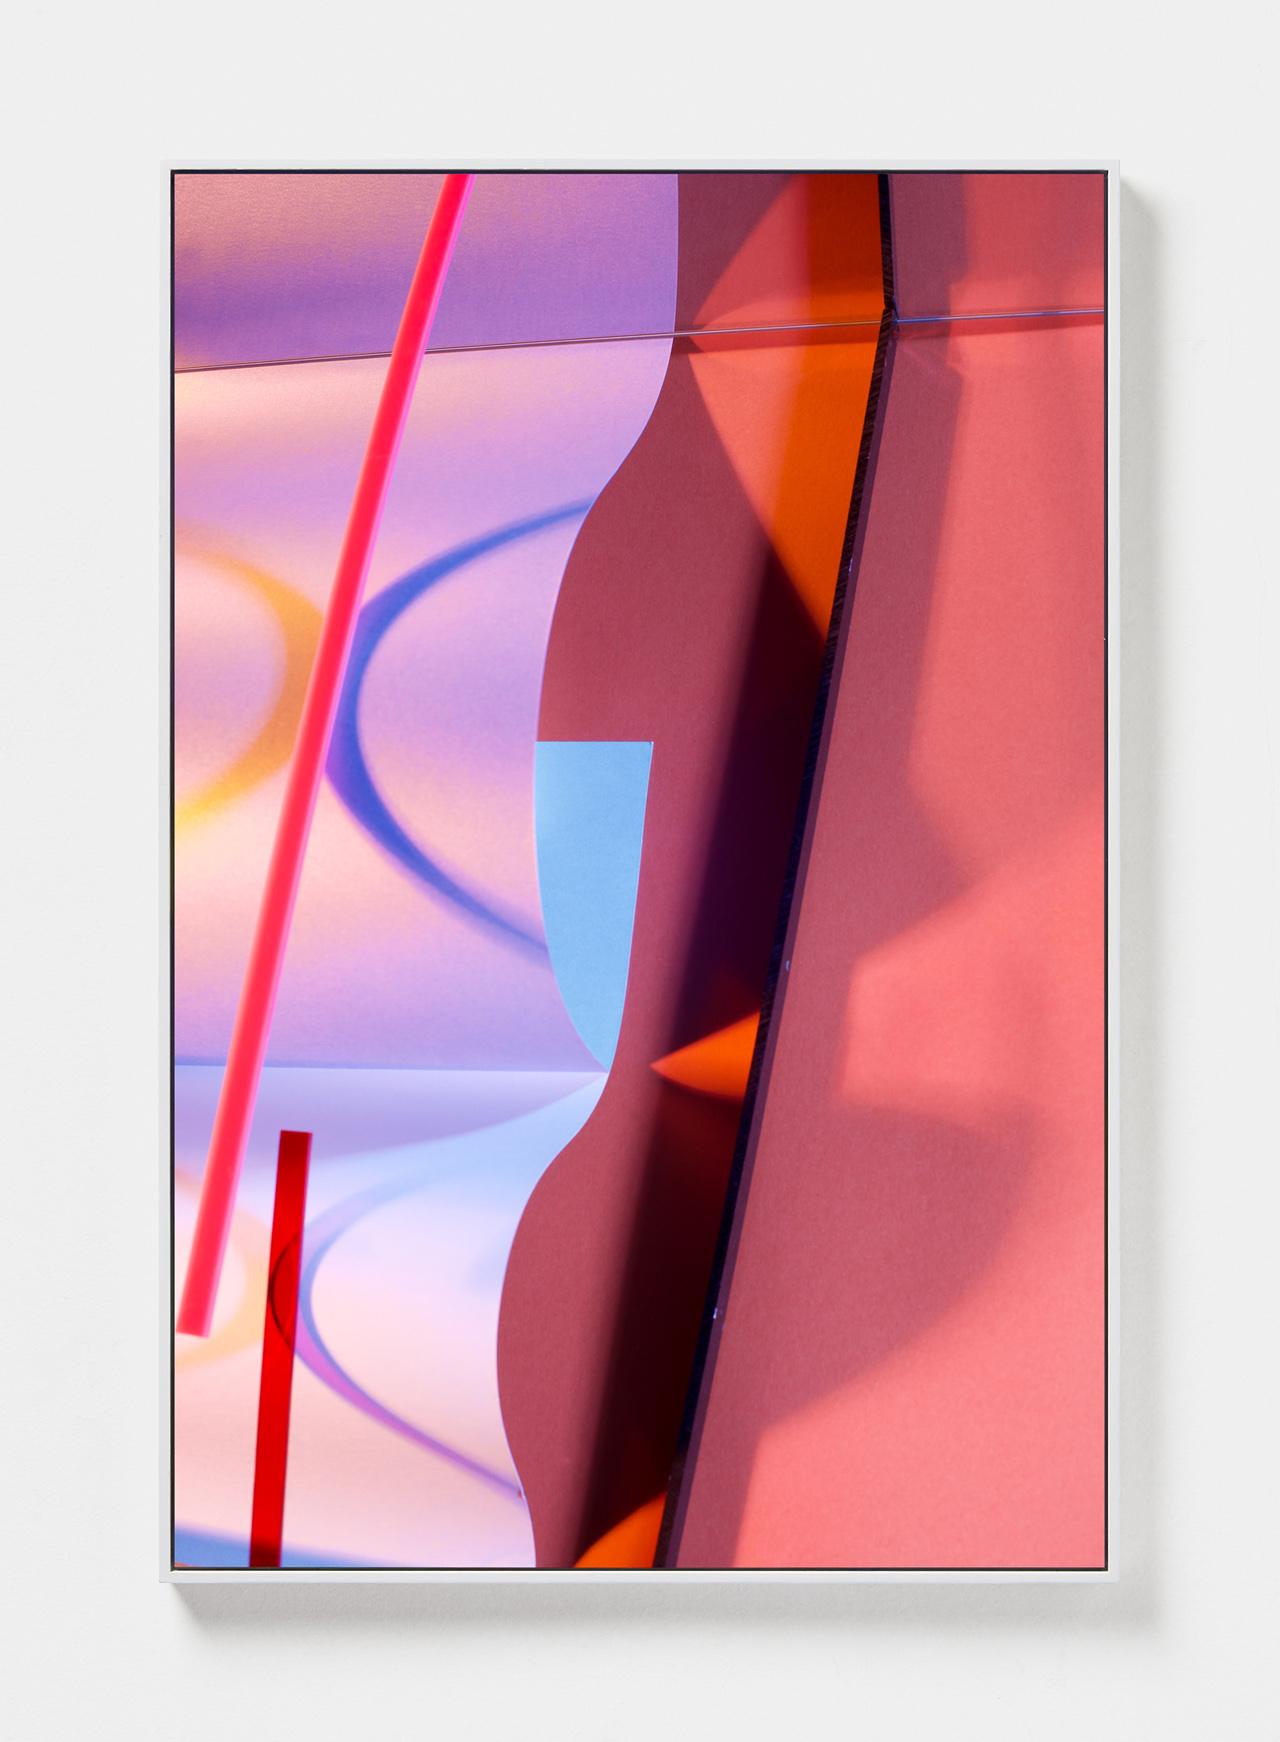 LYDIA WEGNER   Double Amber Wave  2019 Archival inkjet print, steel frame 120 x 80cm